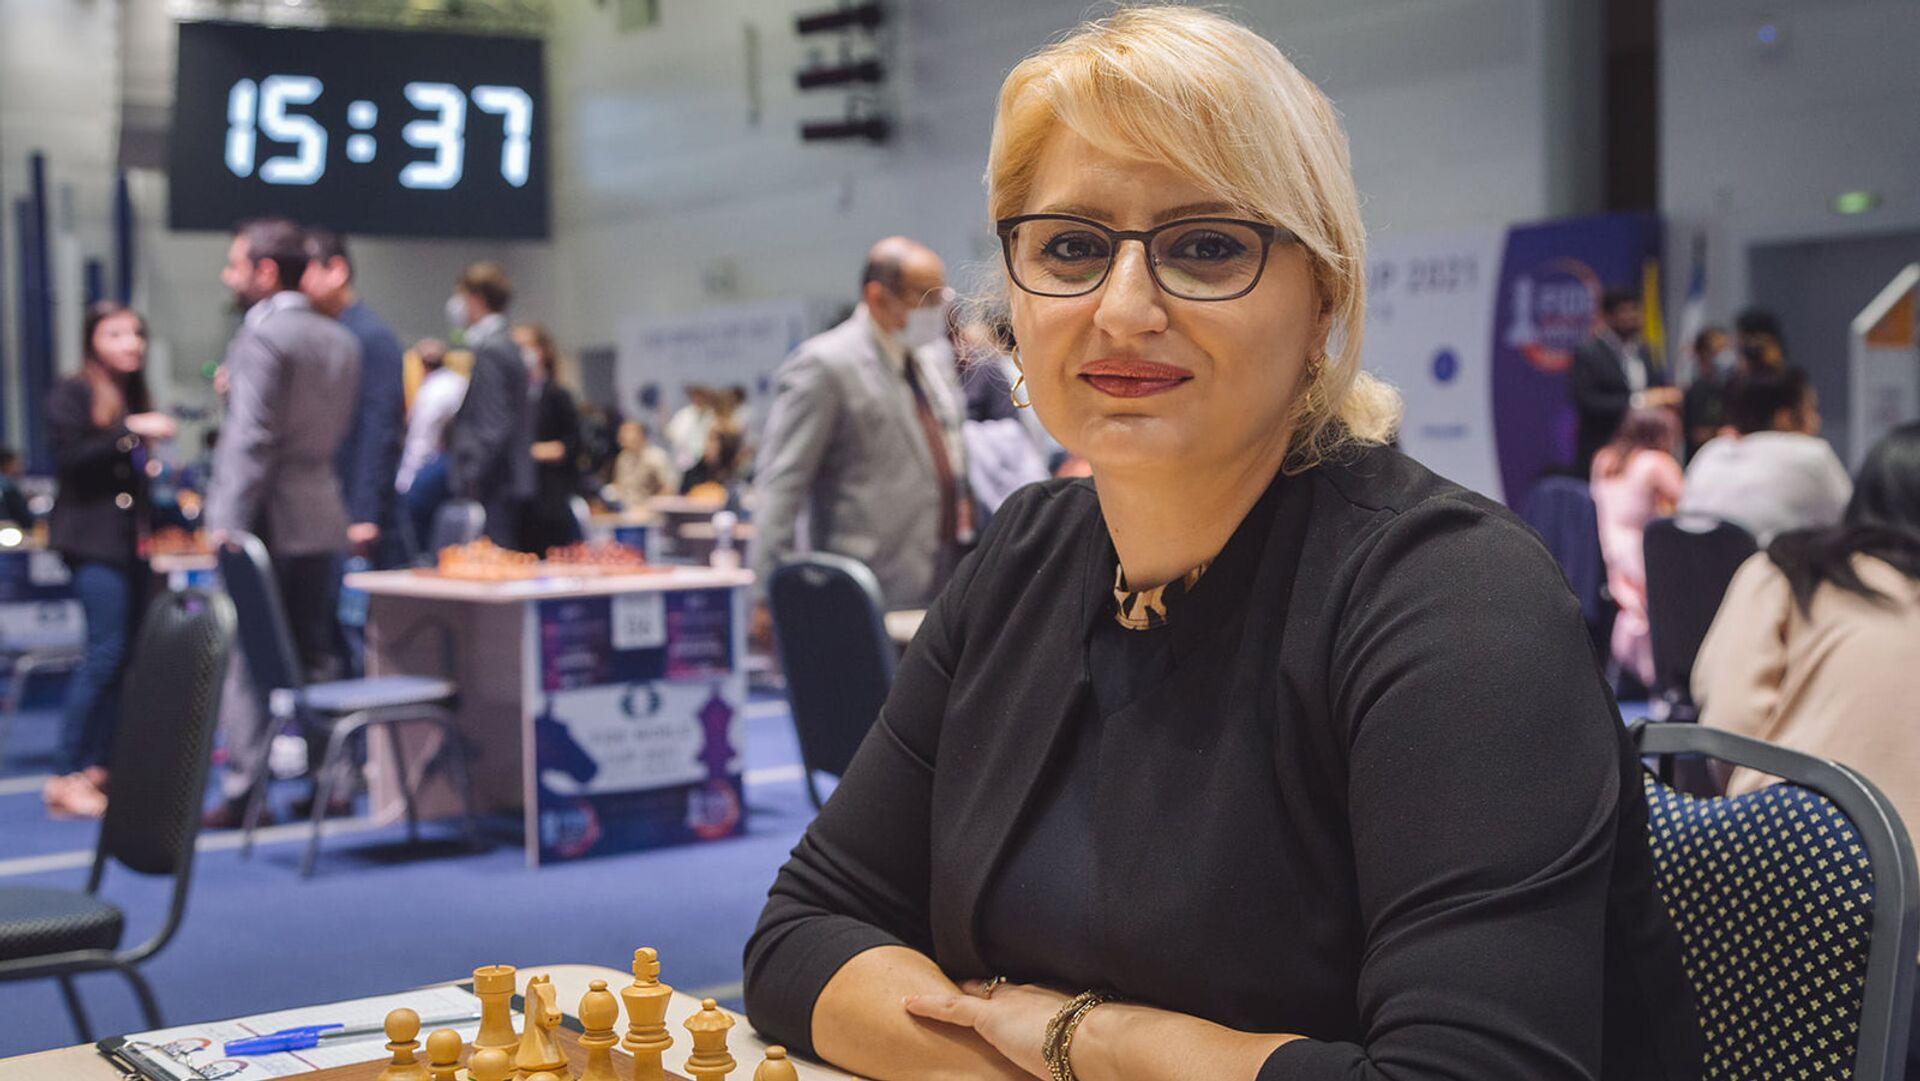 Элина Даниелян на Чемпионате мира по шахматам в Сочи - Sputnik Армения, 1920, 27.09.2021